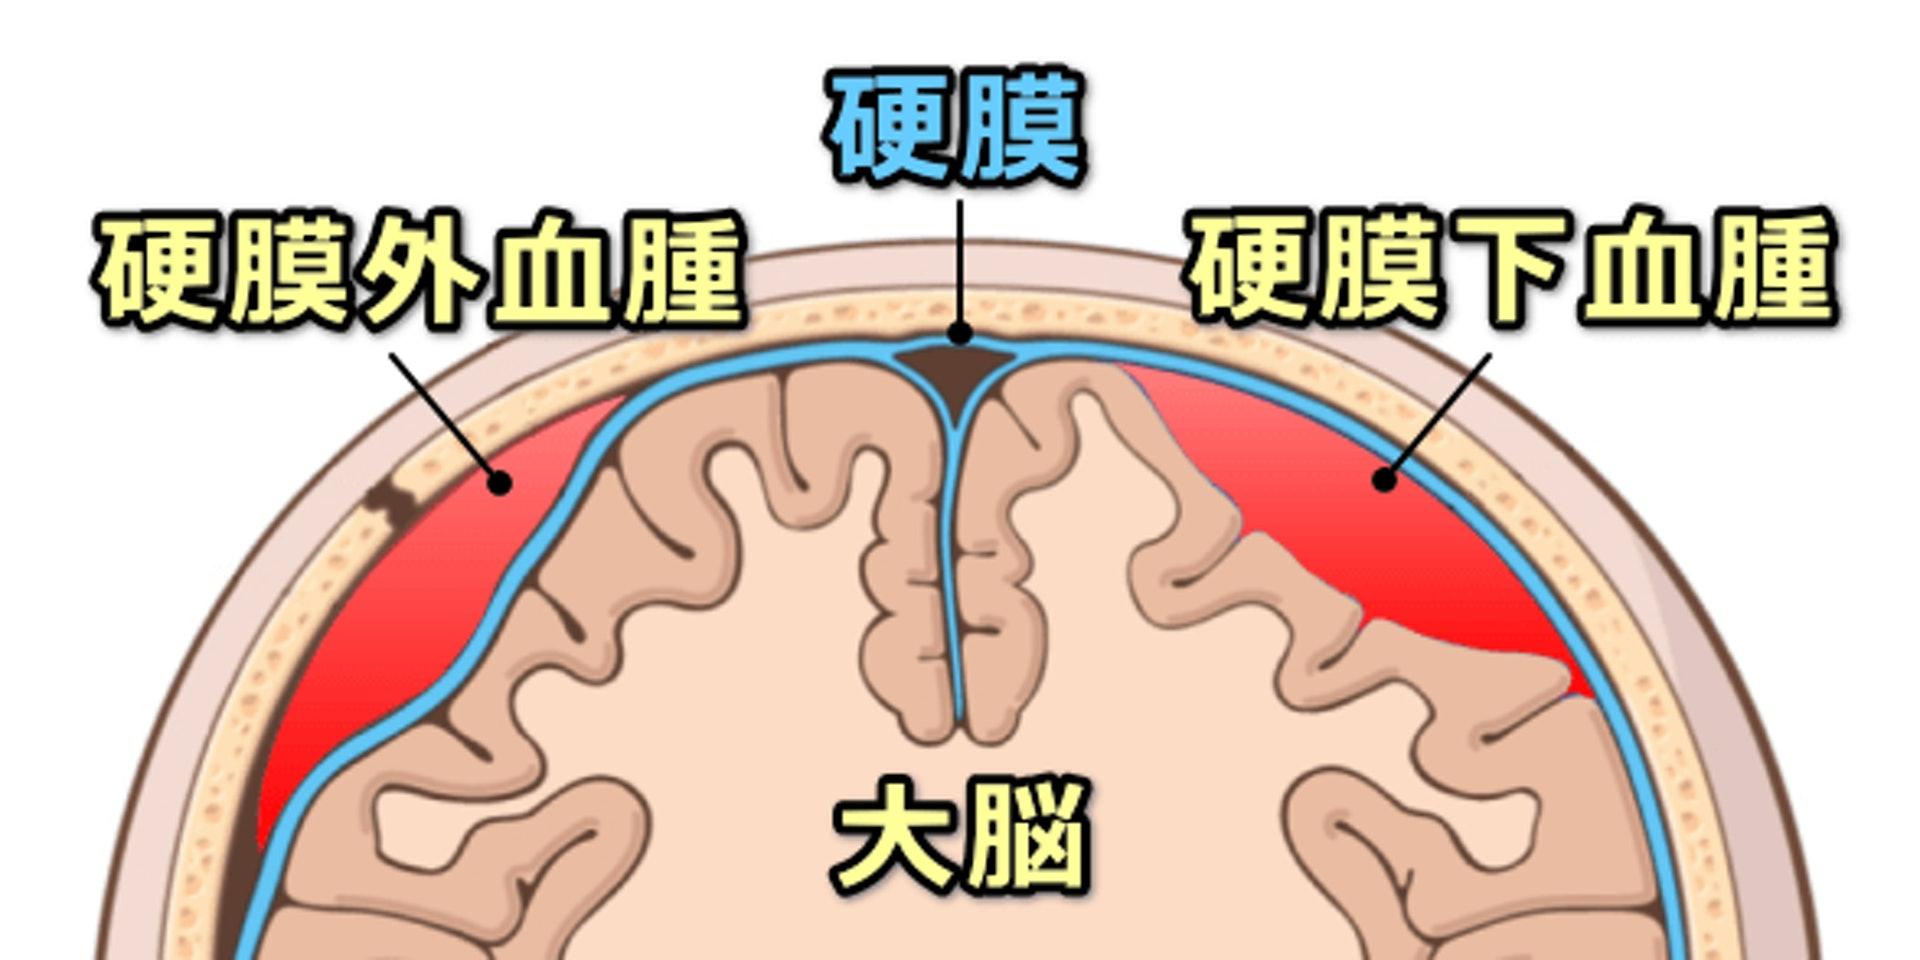 血腫 下 硬 膜